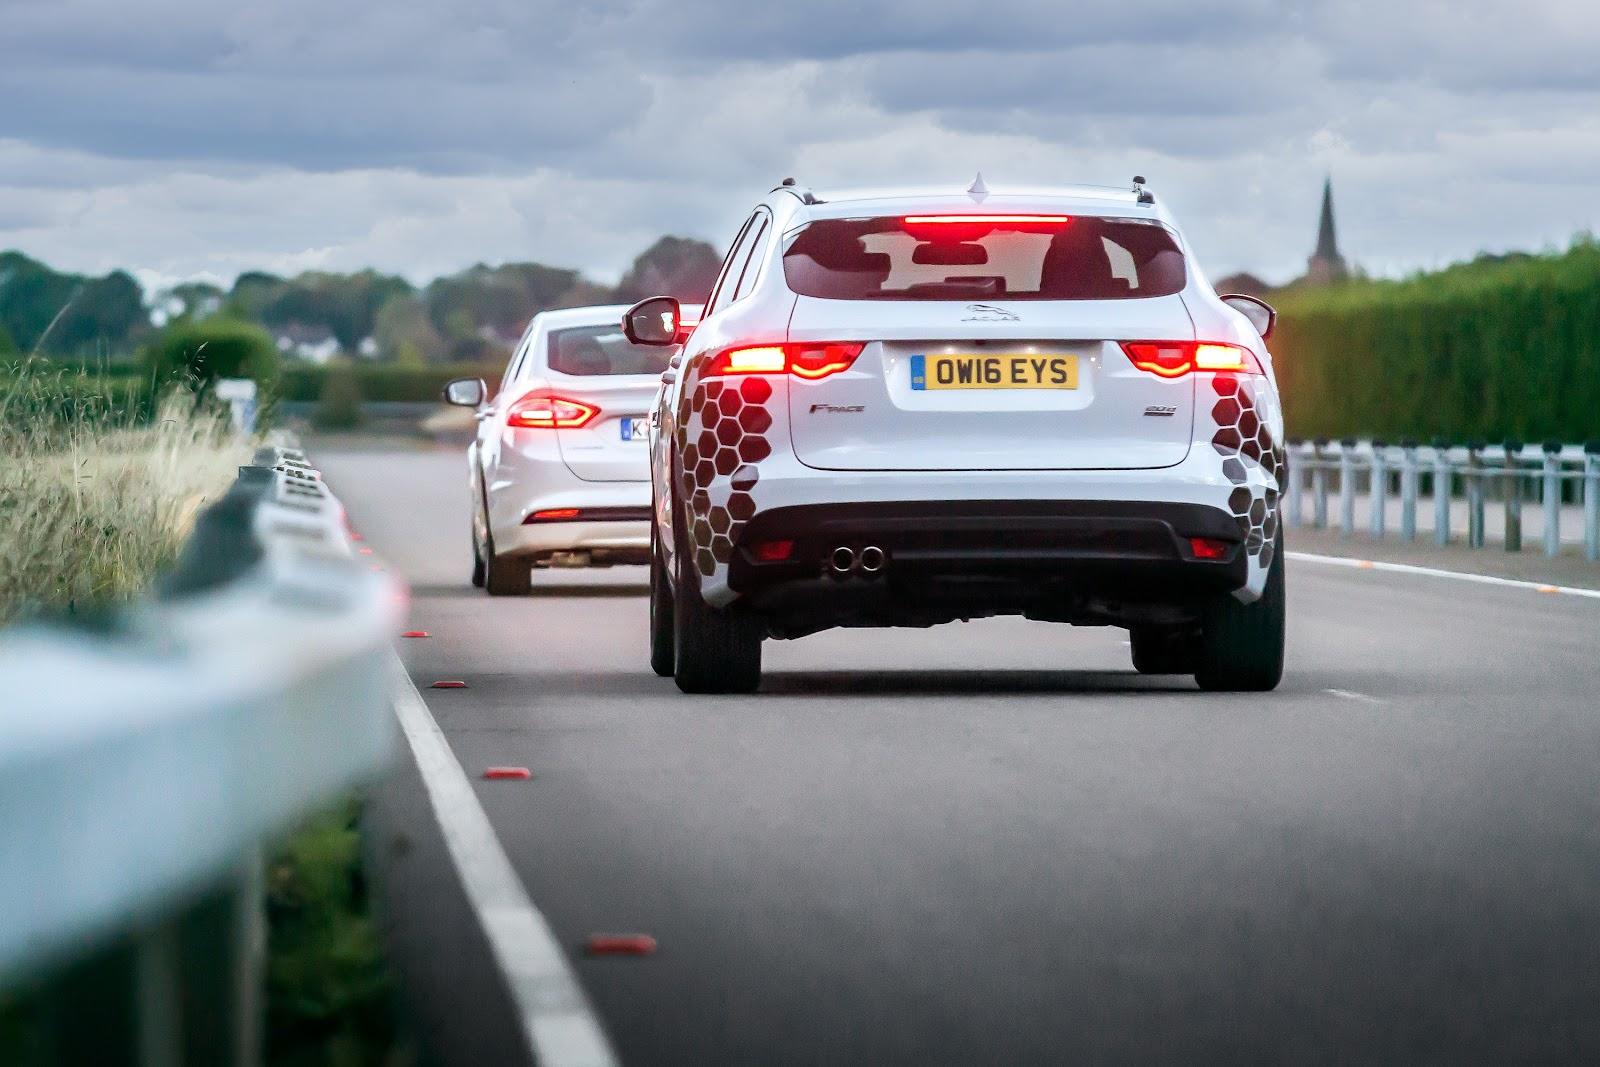 Fabricante está desenvolvendo sistema que evita mal-estar em veículos sem motorista (Fonte: Jaguar Land Rover/Divulgação)